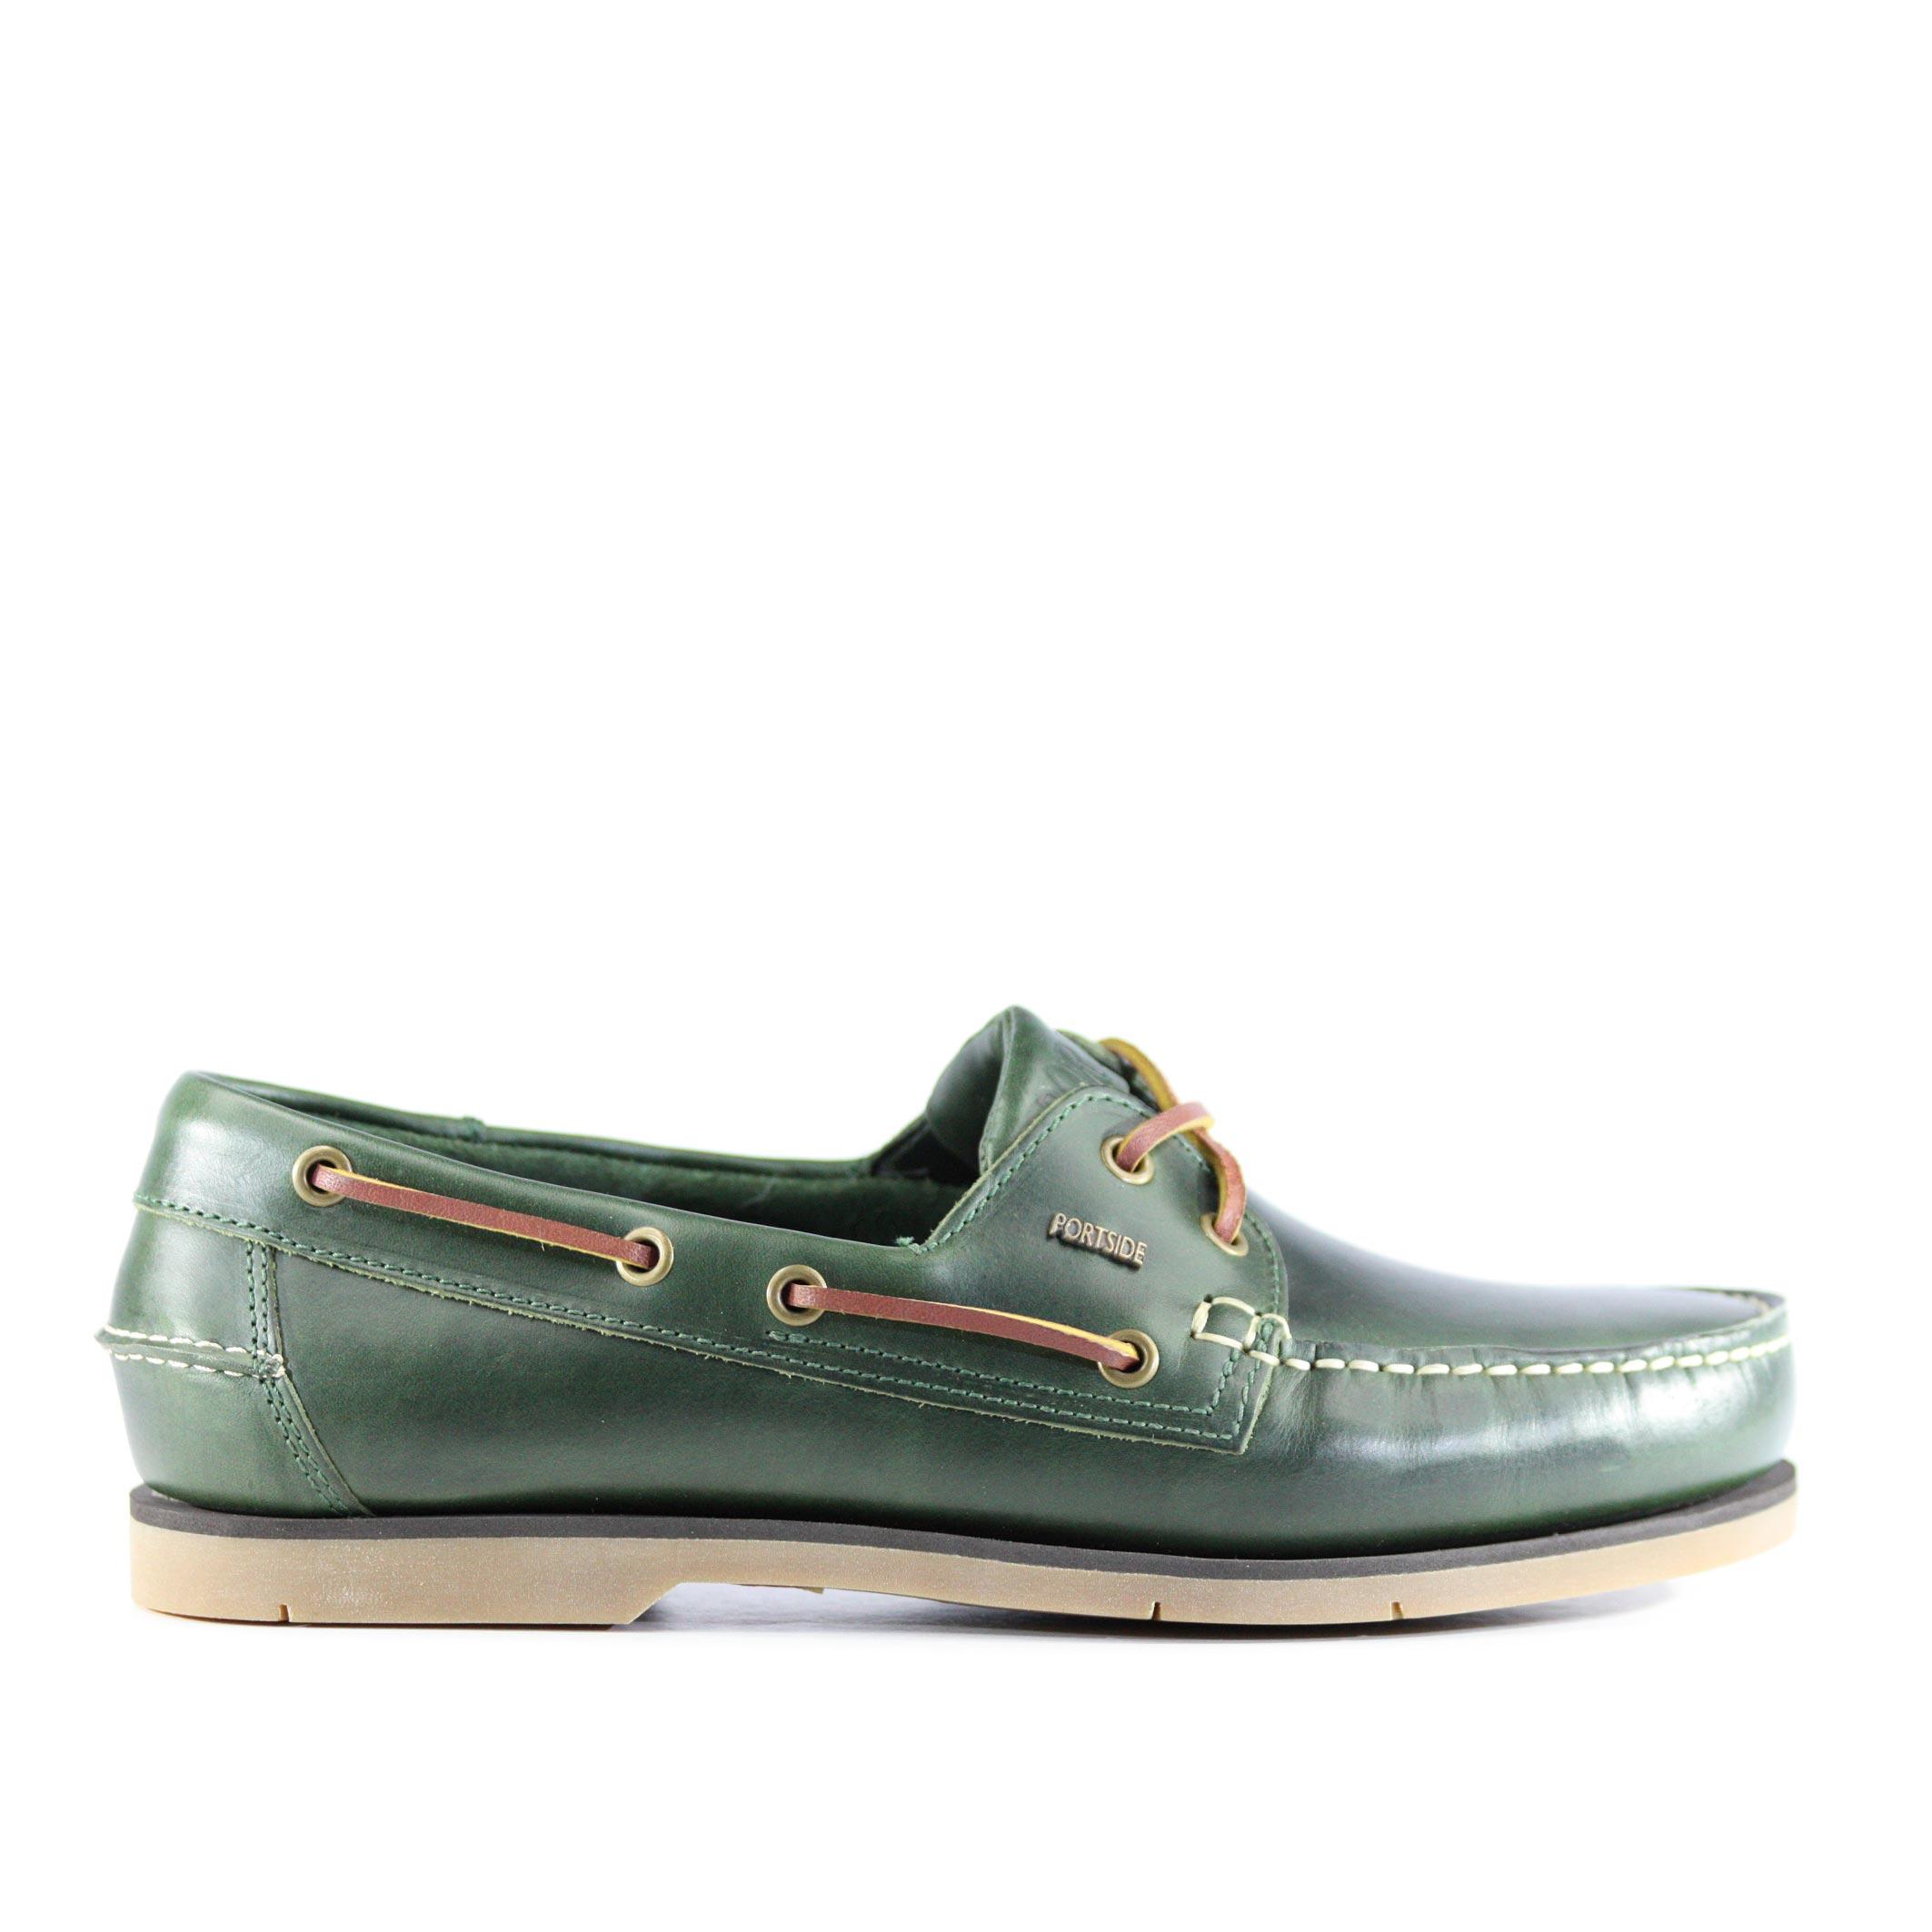 Portside Originals Vermont Vintage Sapato Vela